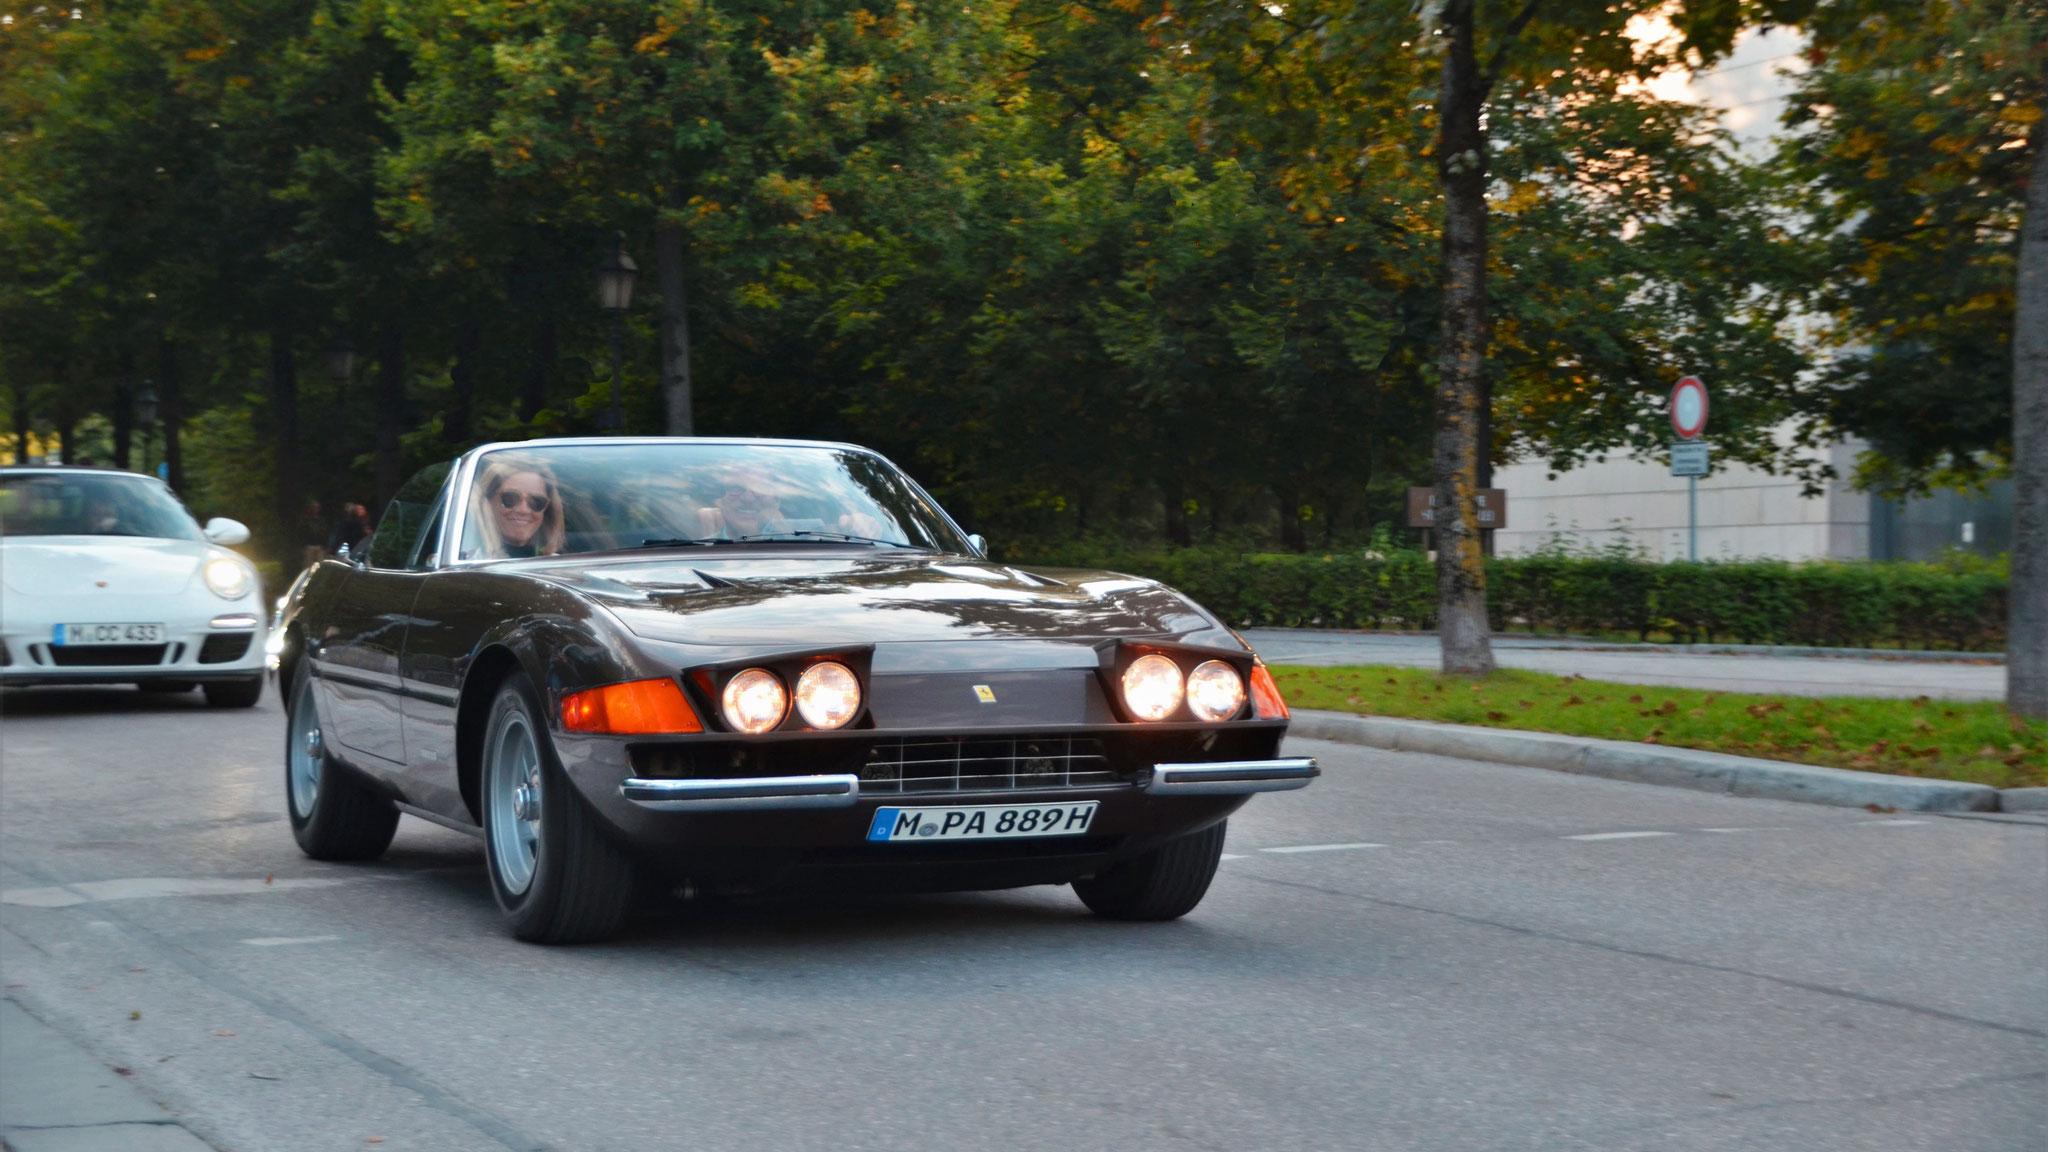 Ferrari 365 Daytona Spider (1 of 125) - M-PA-889H